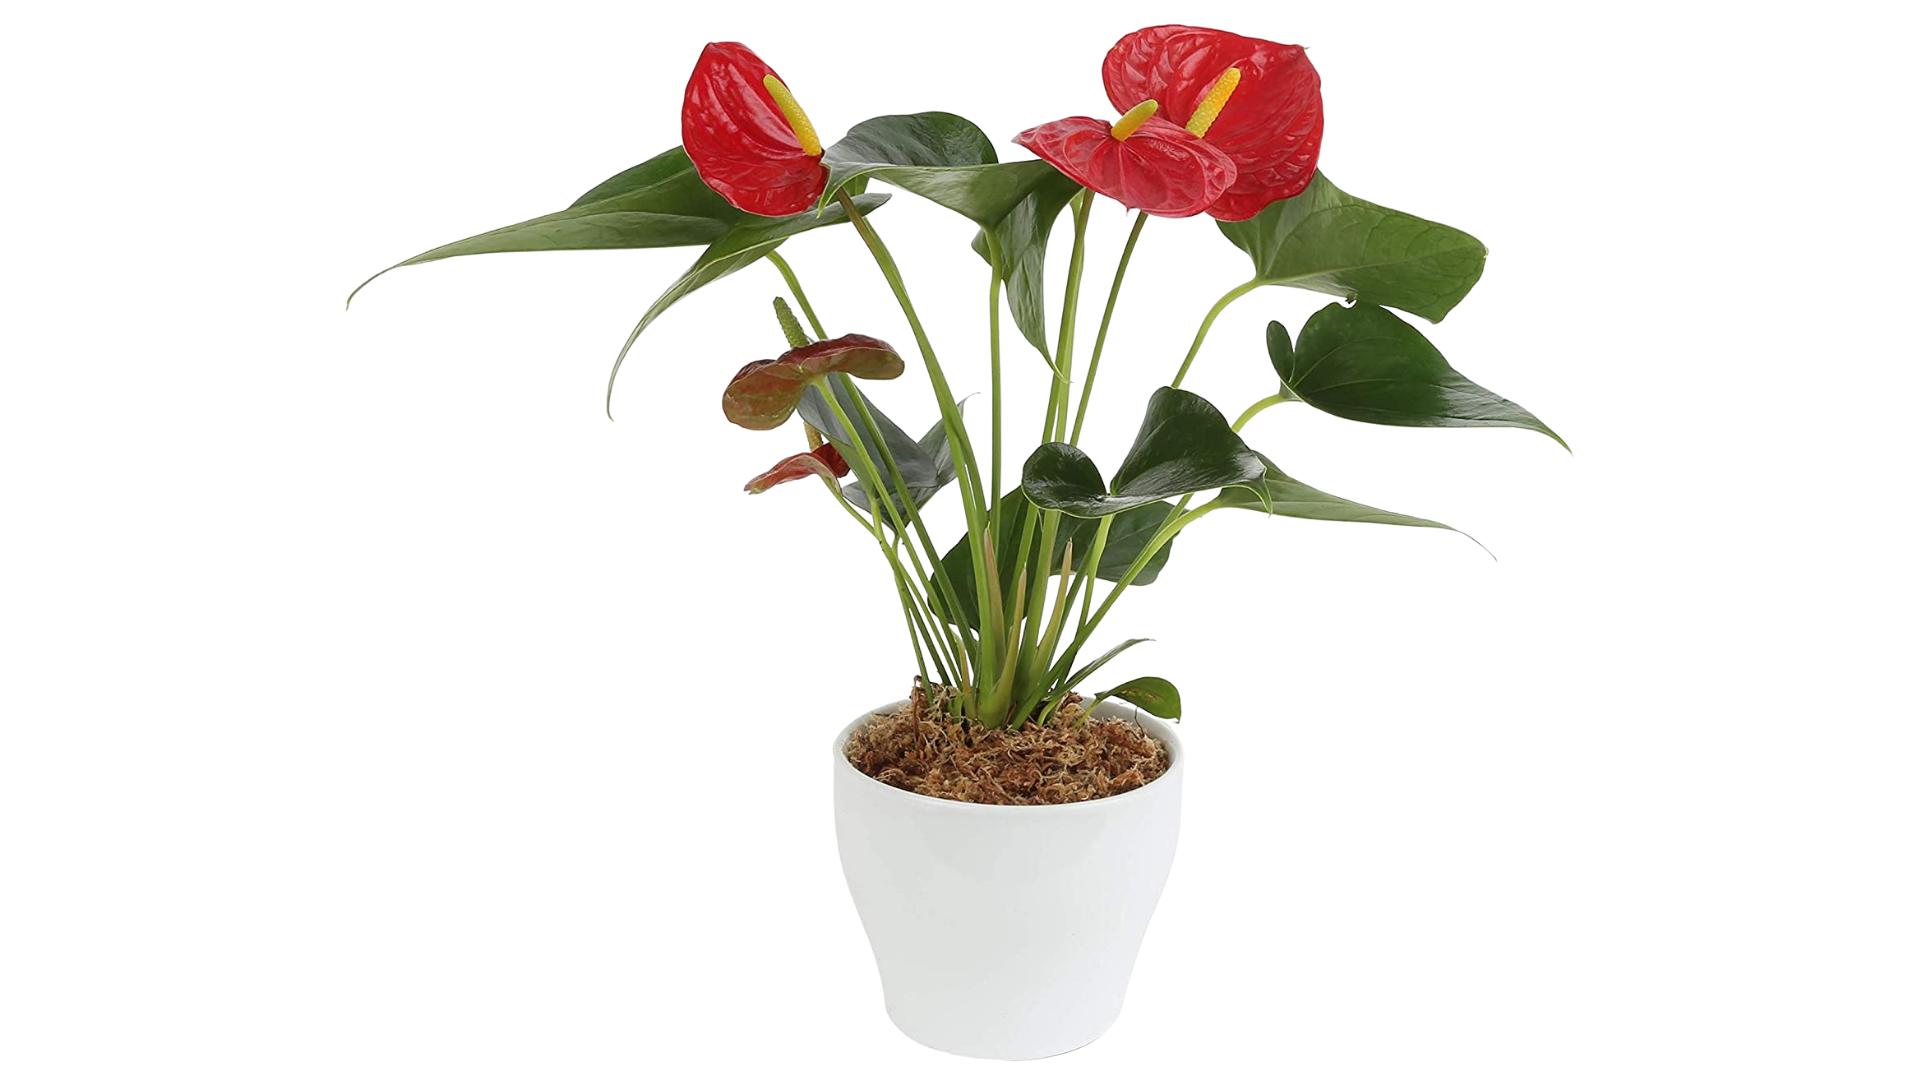 Costa Farms best winter indoor plants